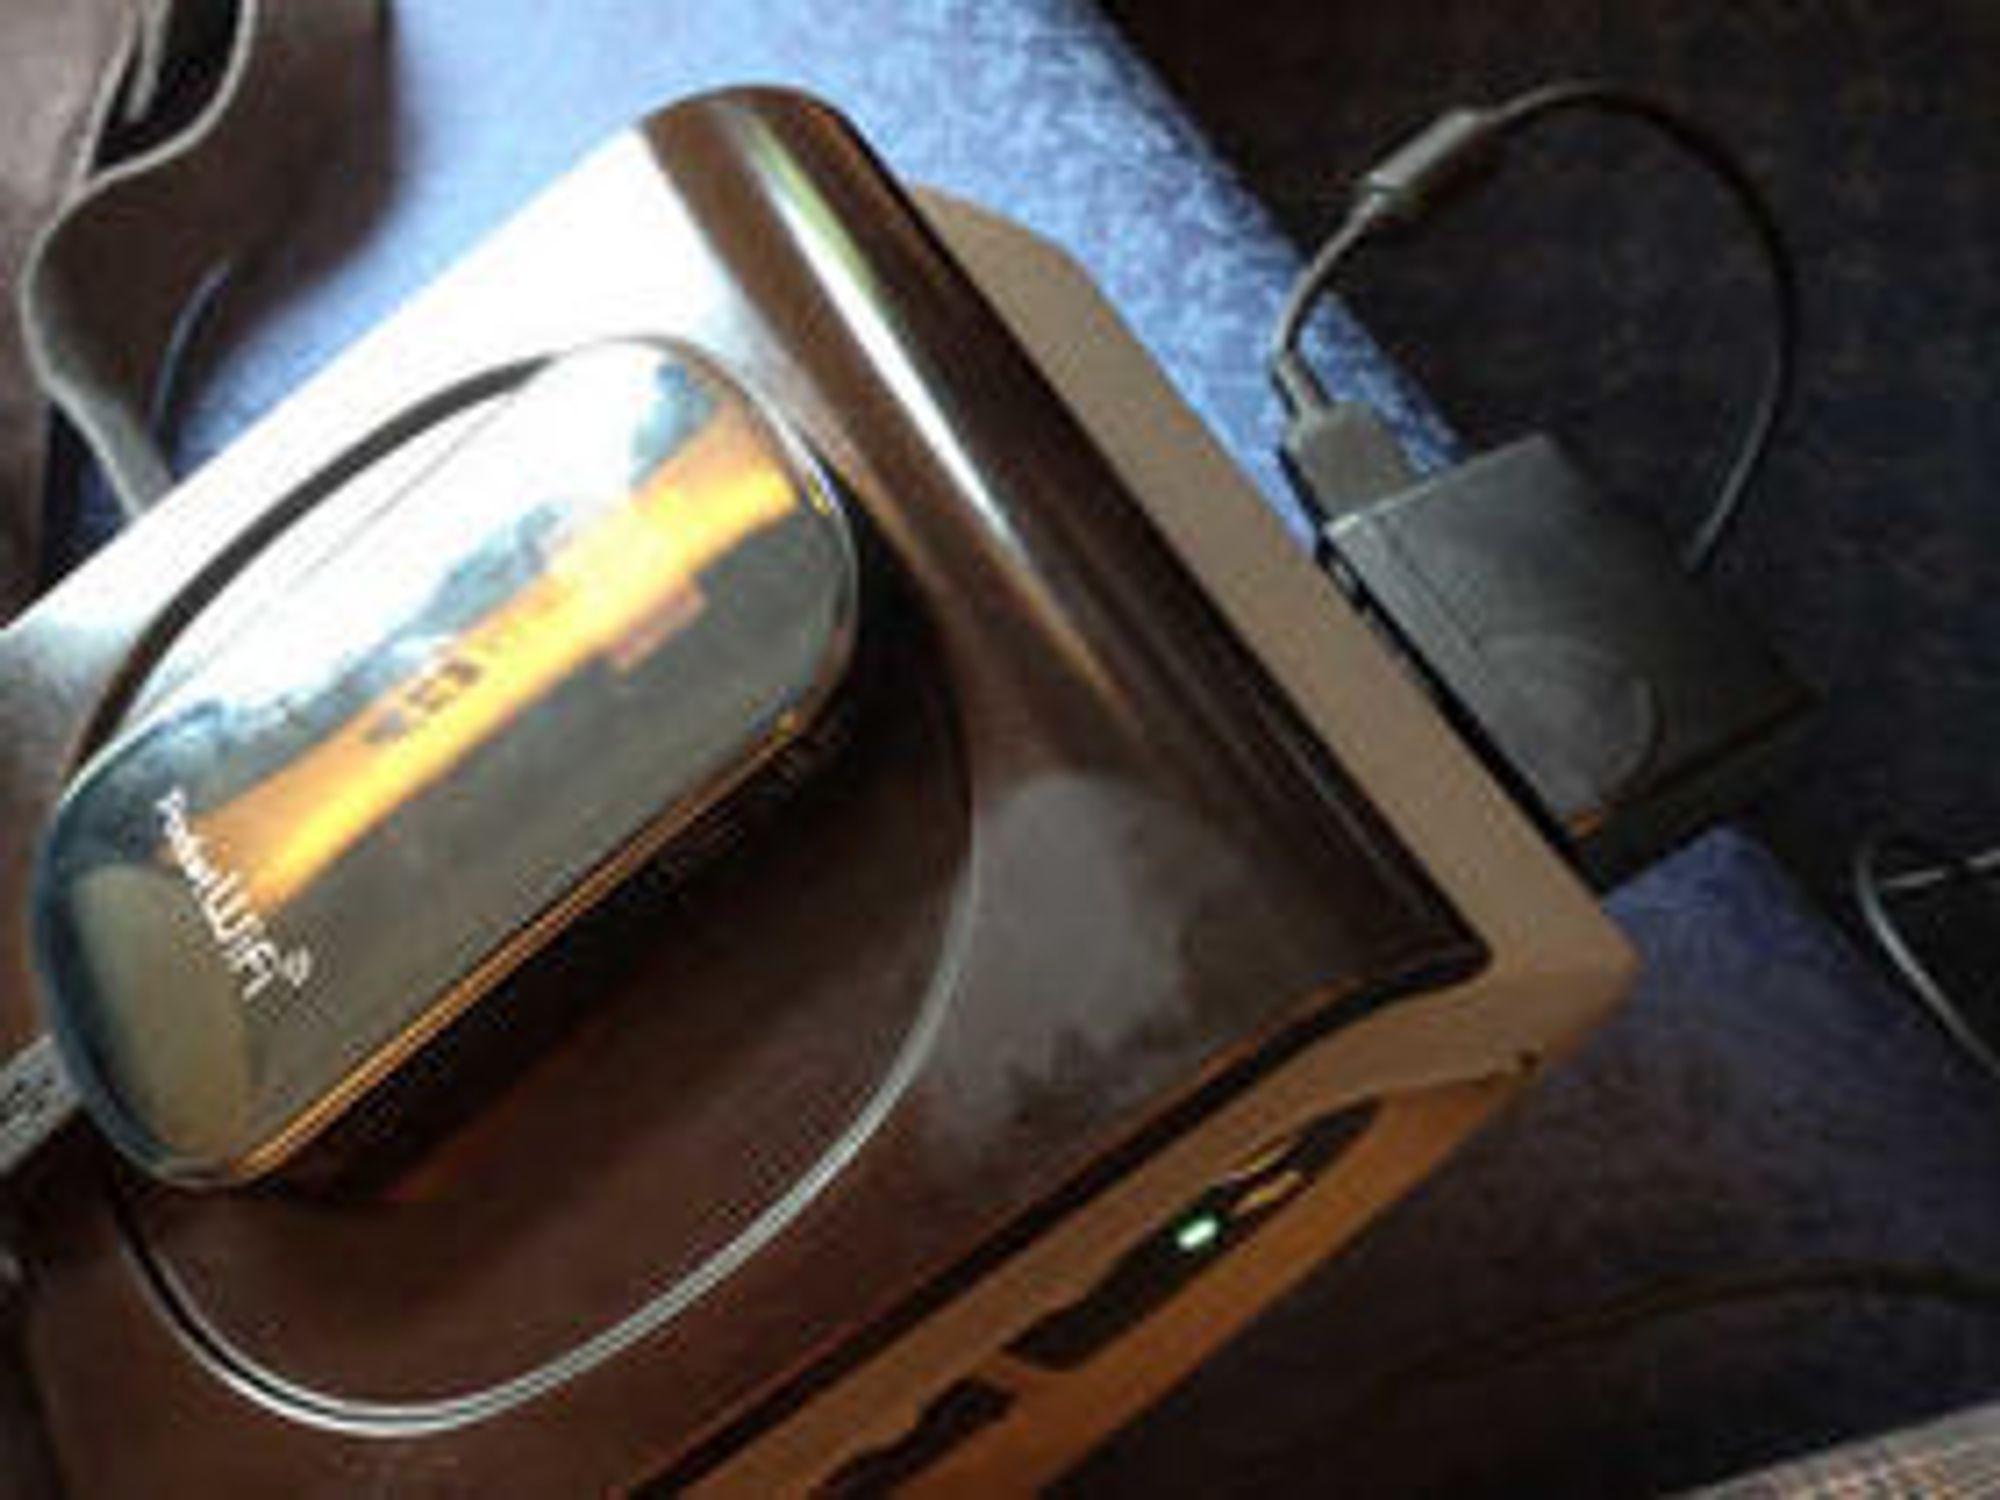 «Pocket WiFi» holdt ut i rundt 4-5 timer med relativt høy belastning før den måtte lades opp, som her fra strømuttaket ved armlenet på lyntoget.